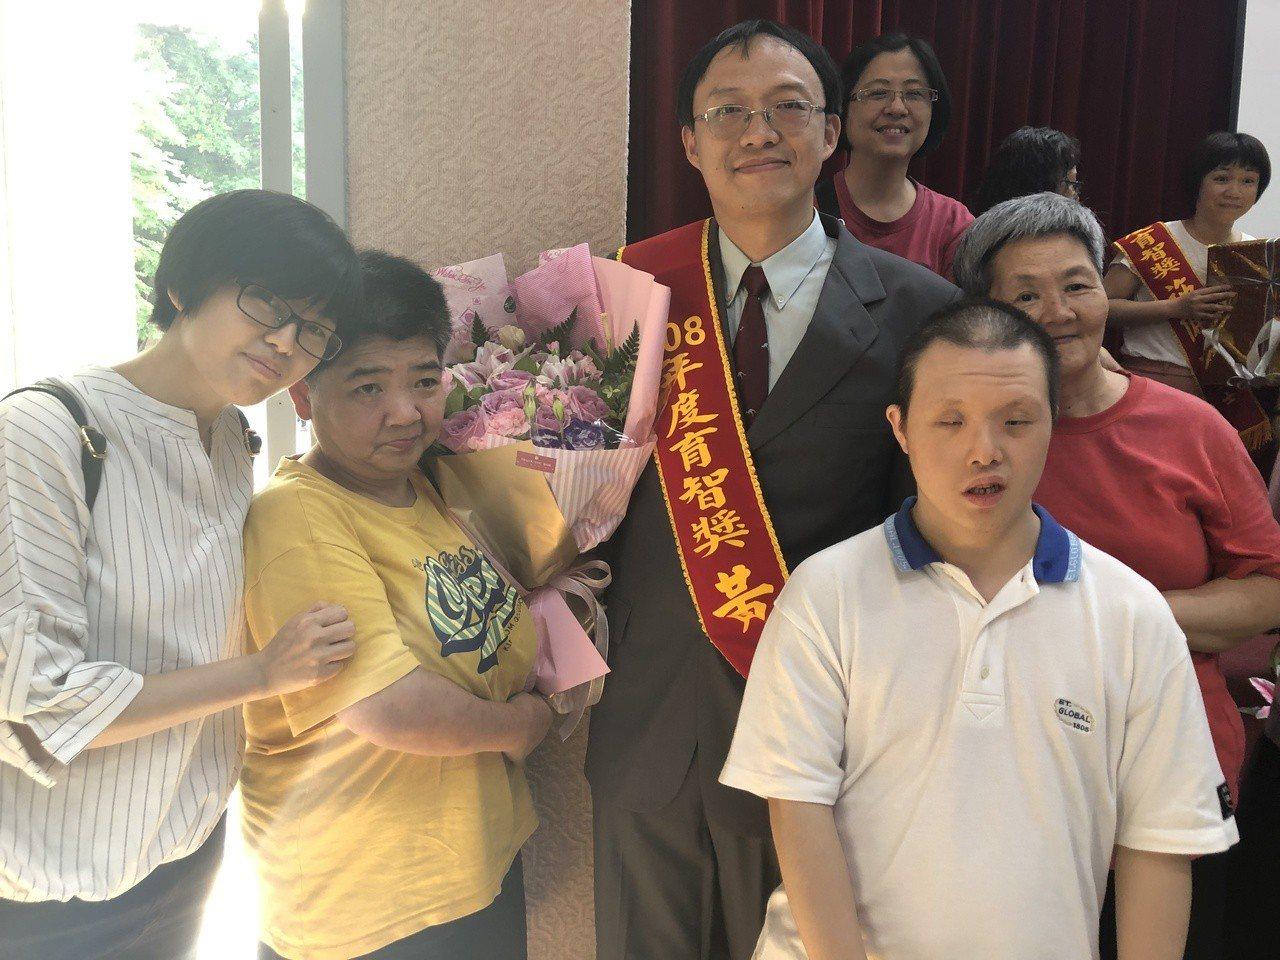 得獎人教保員黃士峰(左三)與他的同事及機構服務對象。 圖/中華民國啟智協會提供